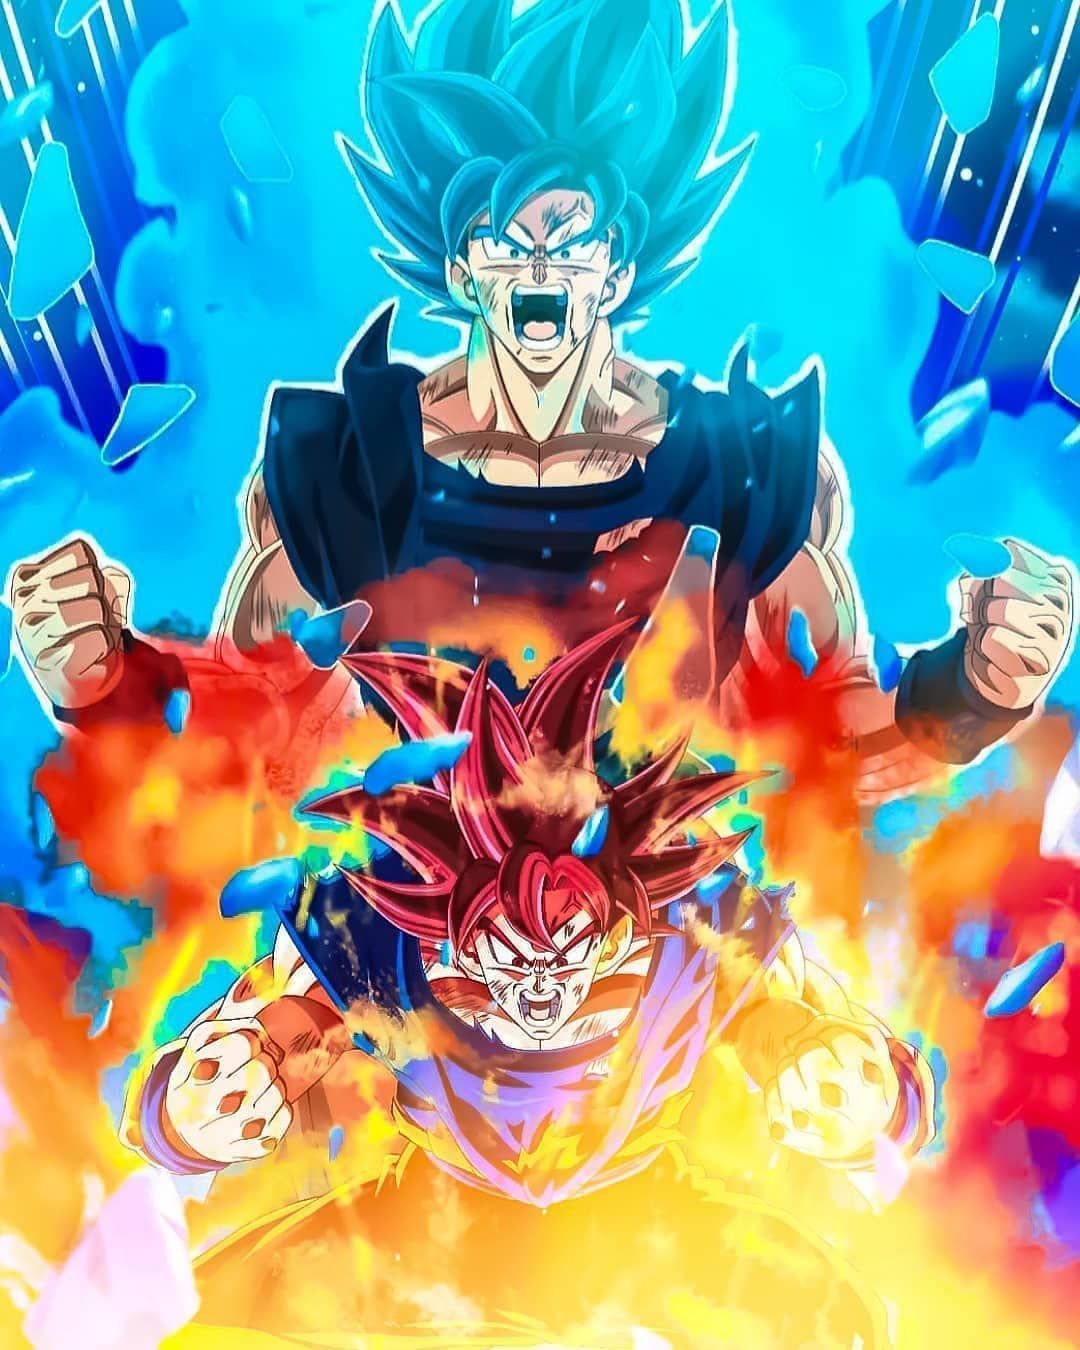 No Hay Descripcion De La Foto Disponible Anime Dragon Ball Super Anime Dragon Ball Dragon Ball Z